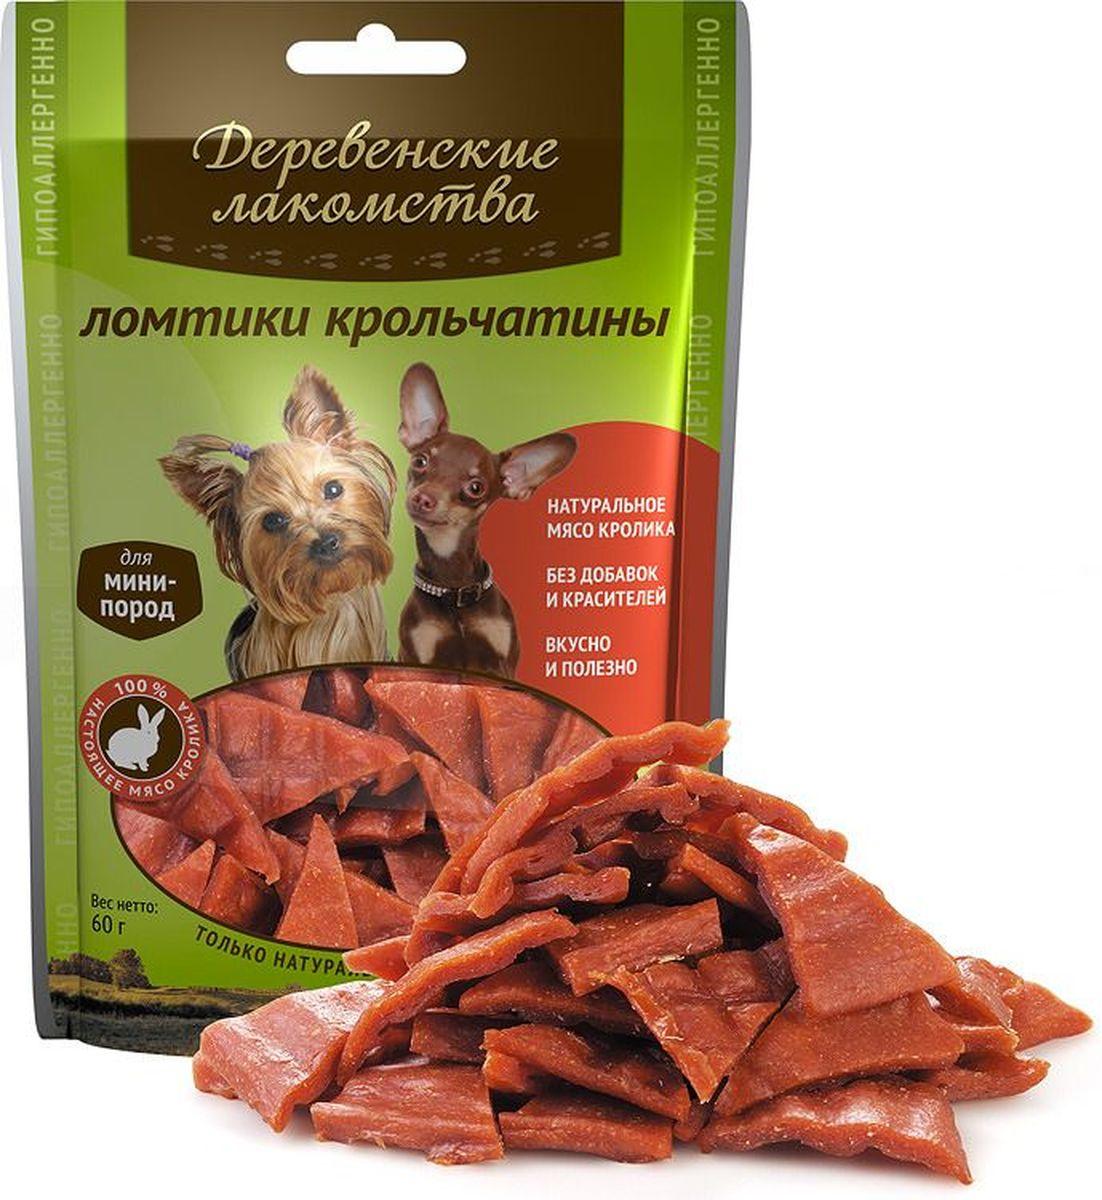 Лакомство для собак мини-пород Деревенские лакомства Ломтики крольчатины, 55 г55342ДЕРЕВЕНСКИЕ ЛАКОМСТВА для мини-пород Ломтики крольчатины Состав: мясо кролика